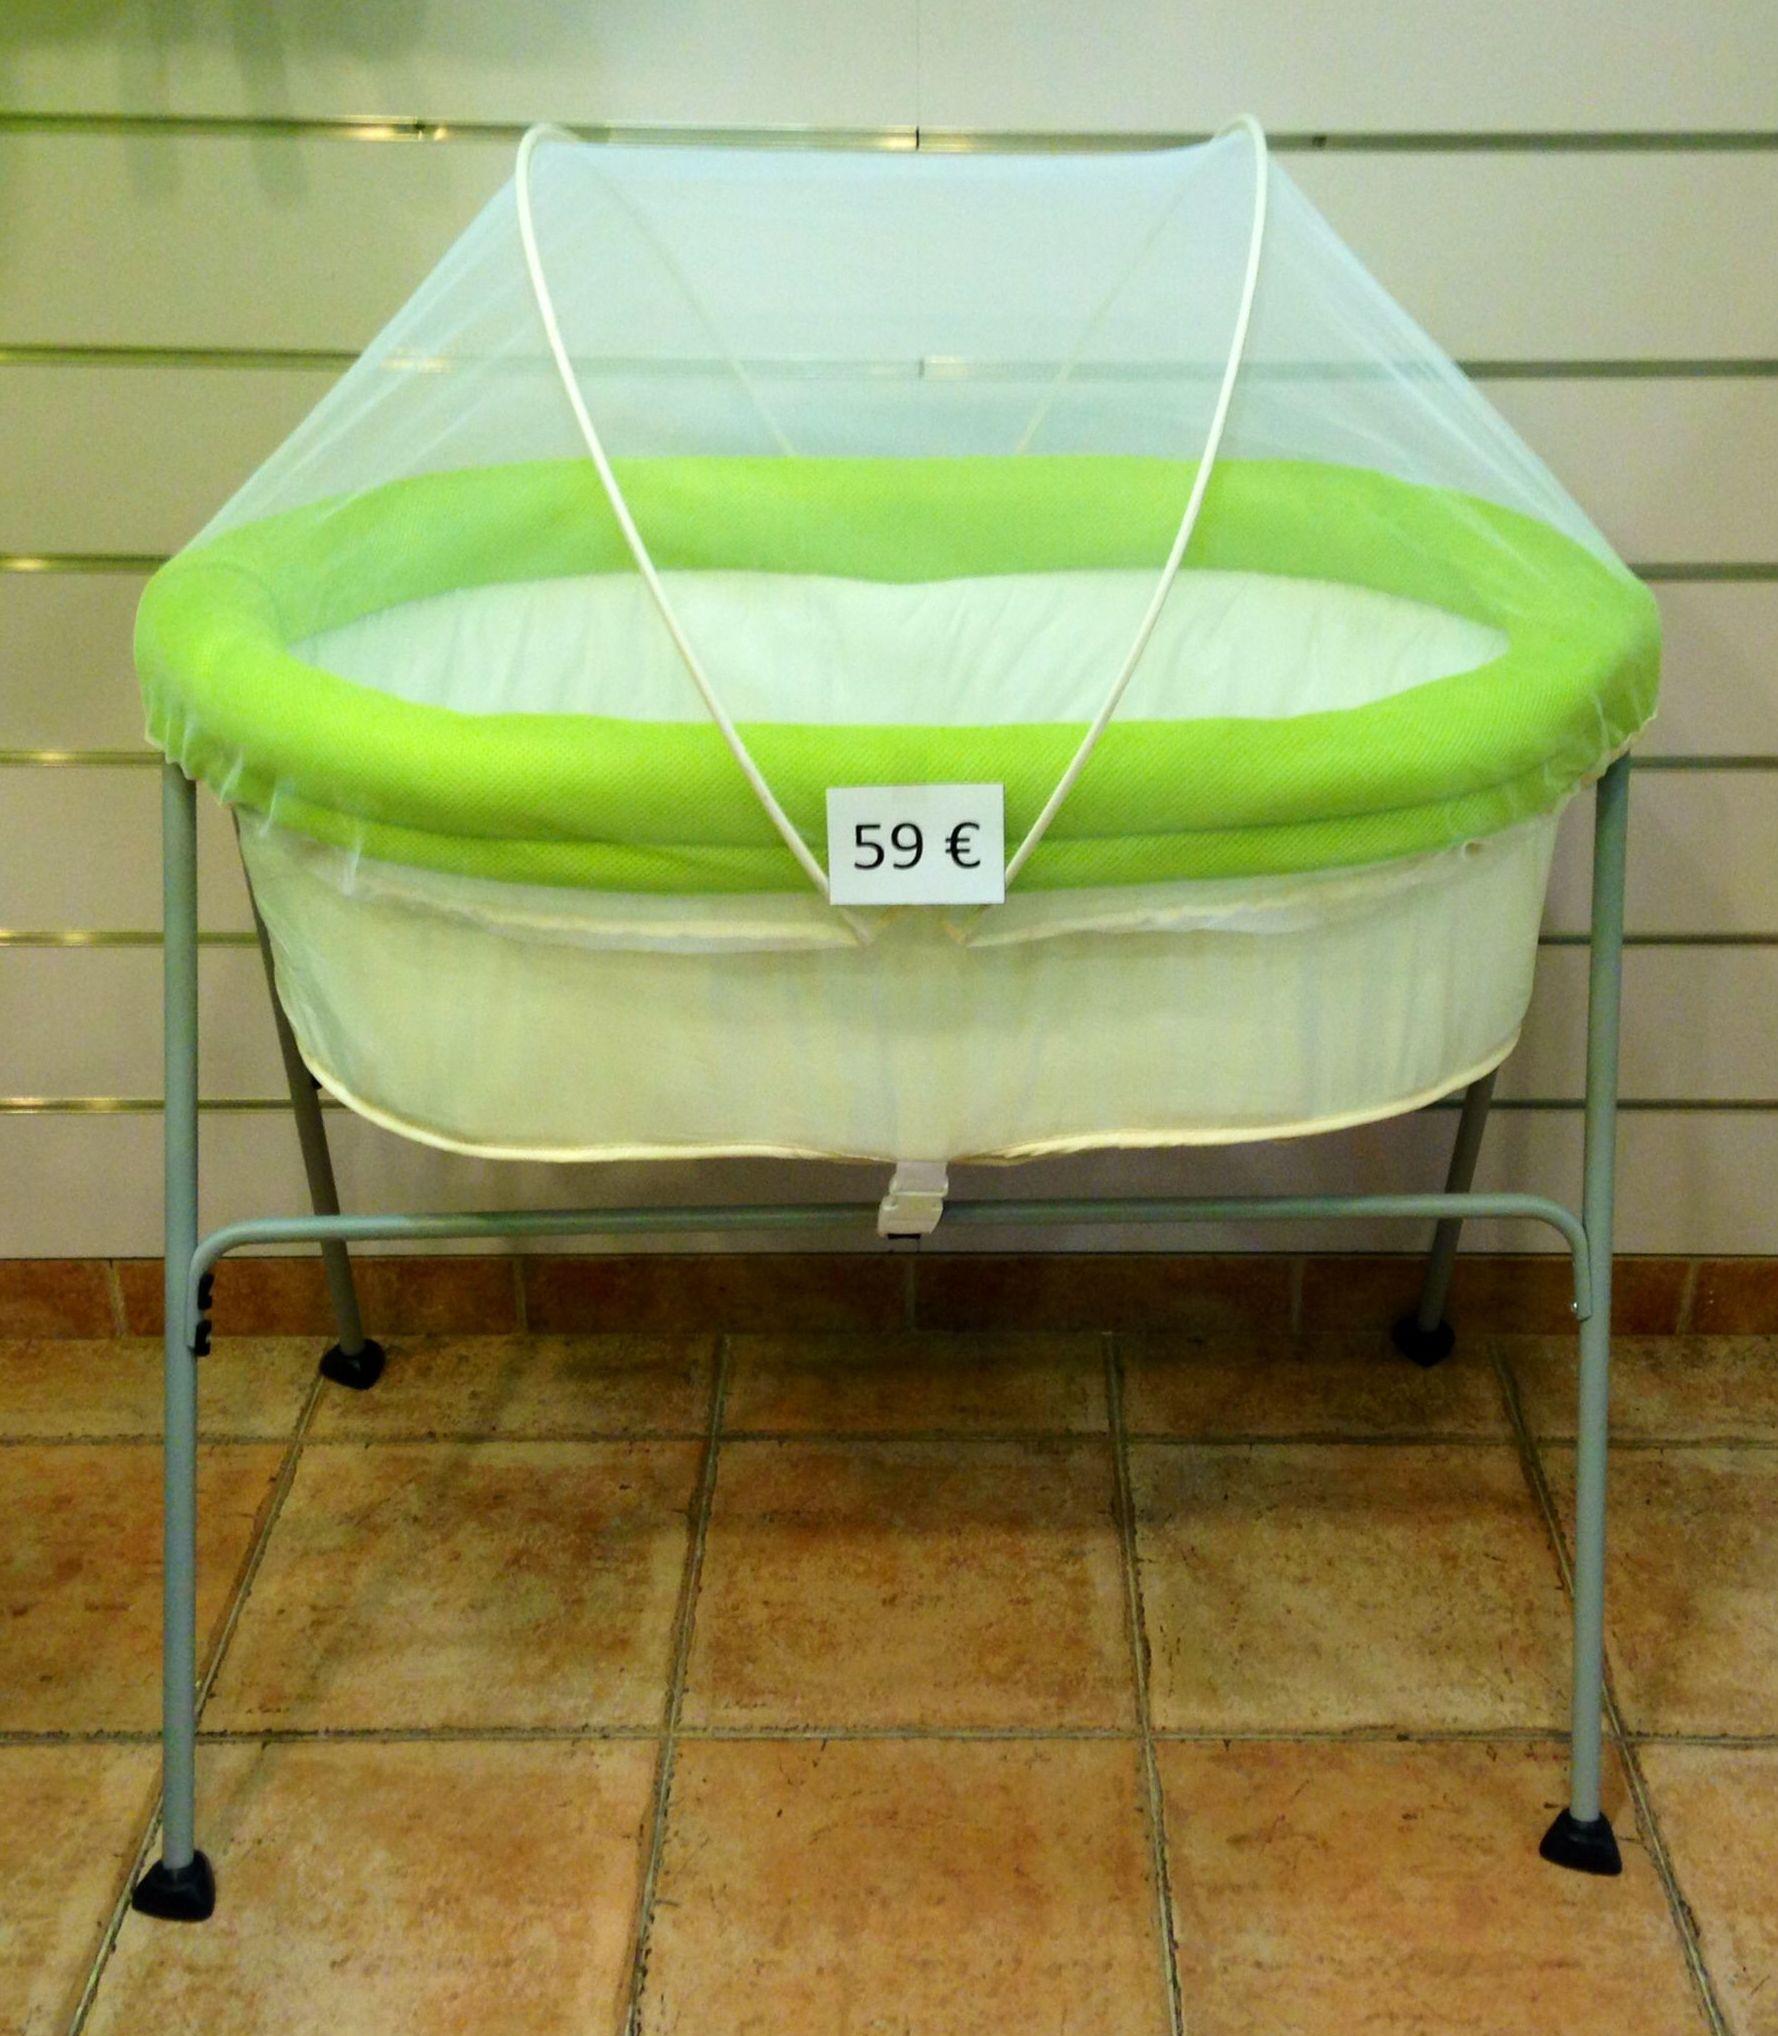 Minicuna balancín verde con mosquitera ¡sin estrenar por 59€!: Catálogo de Reciclababy